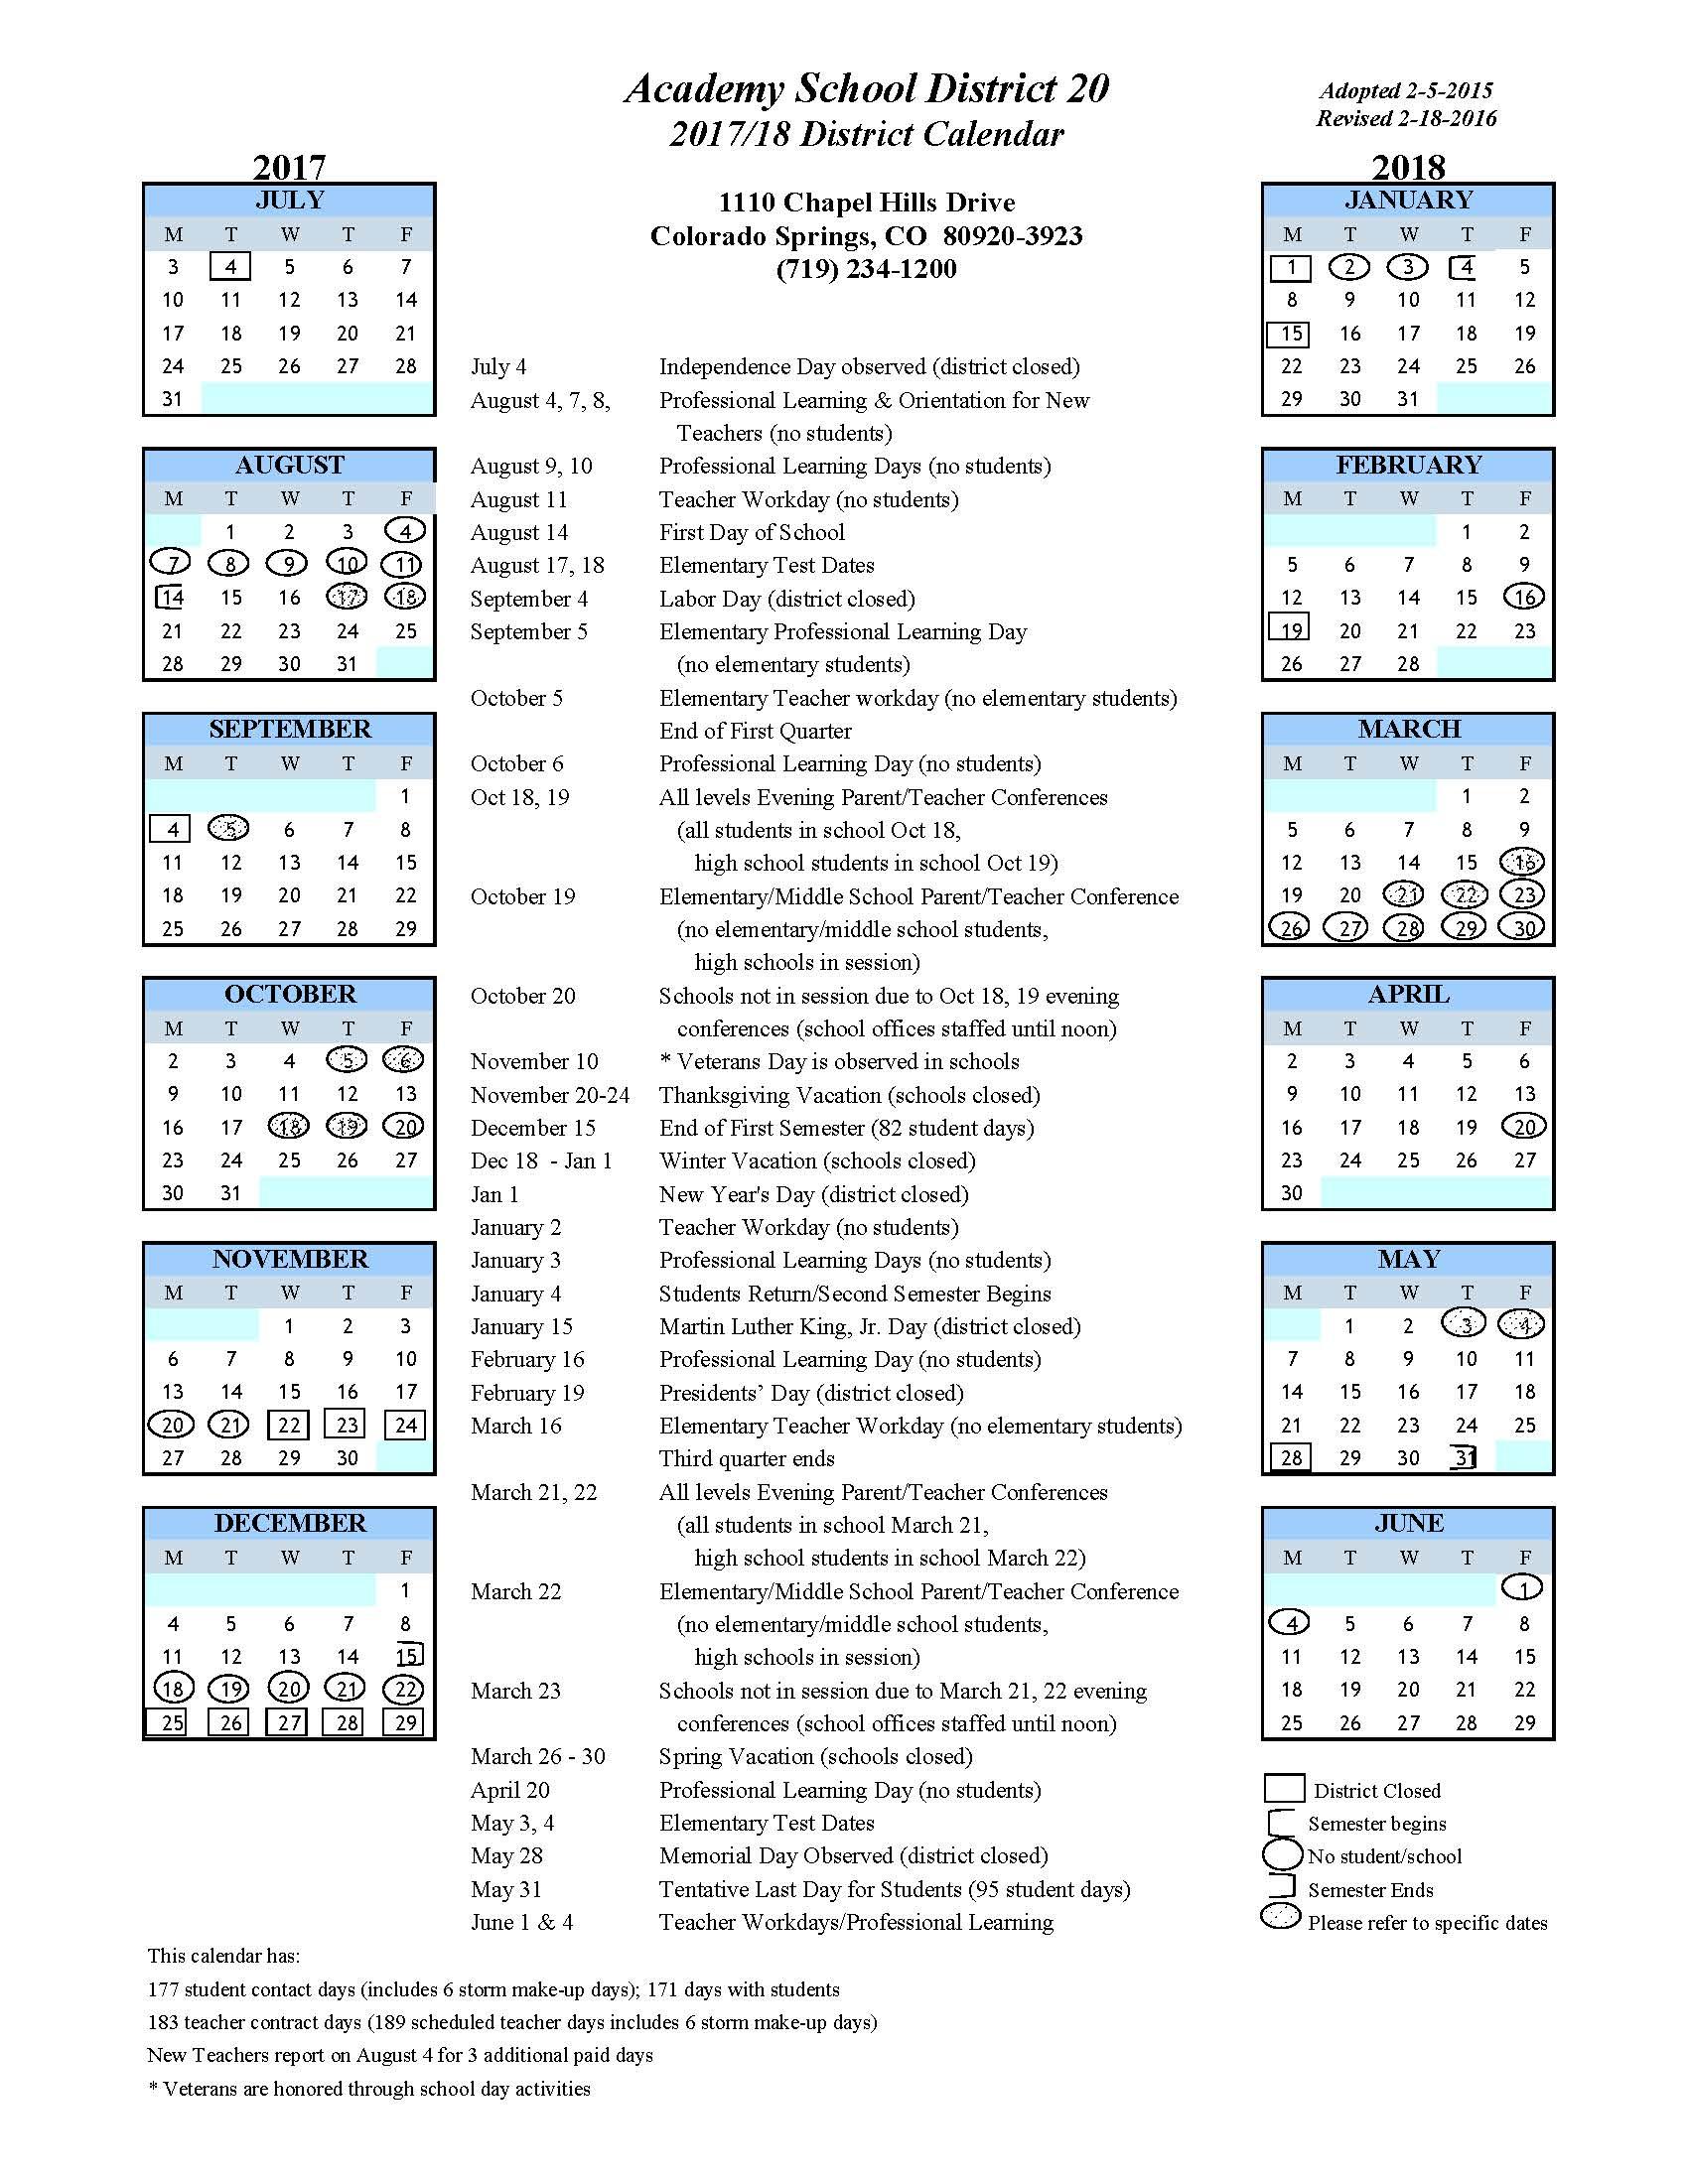 Spring Valley Ny Hs Calendar   Printable Calendar 2020 2021 Regarding Orlando Convention Center 2021 Calendar